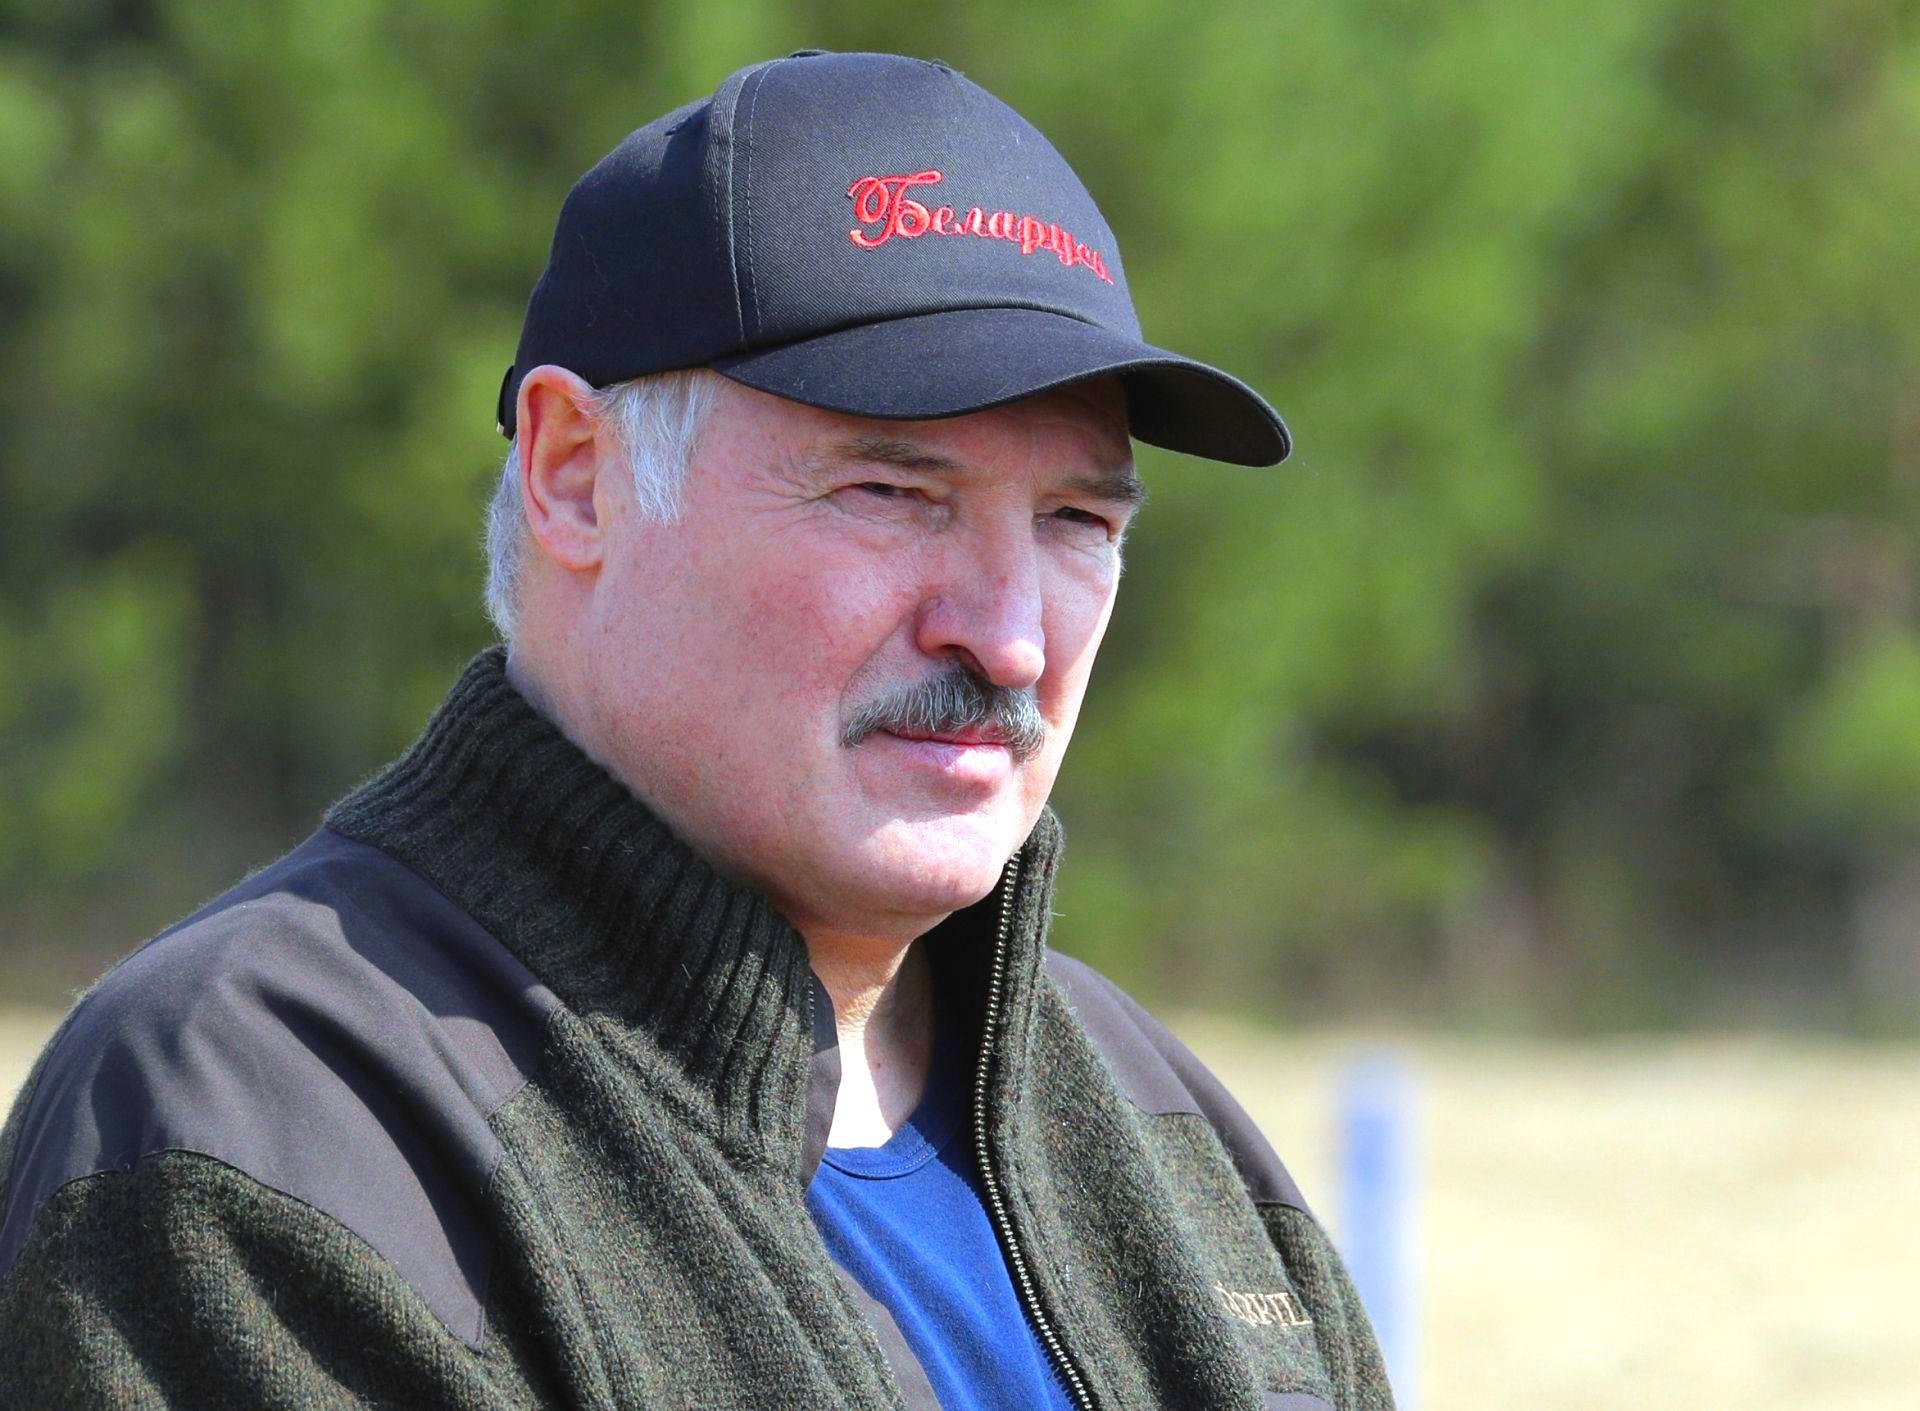 Лукашенко заявил, что колючая проволока не остановит людей на границе РФ и Белоруссии Александр Лукашенко,Беларусь,Граница,Политика,Мир,Россия